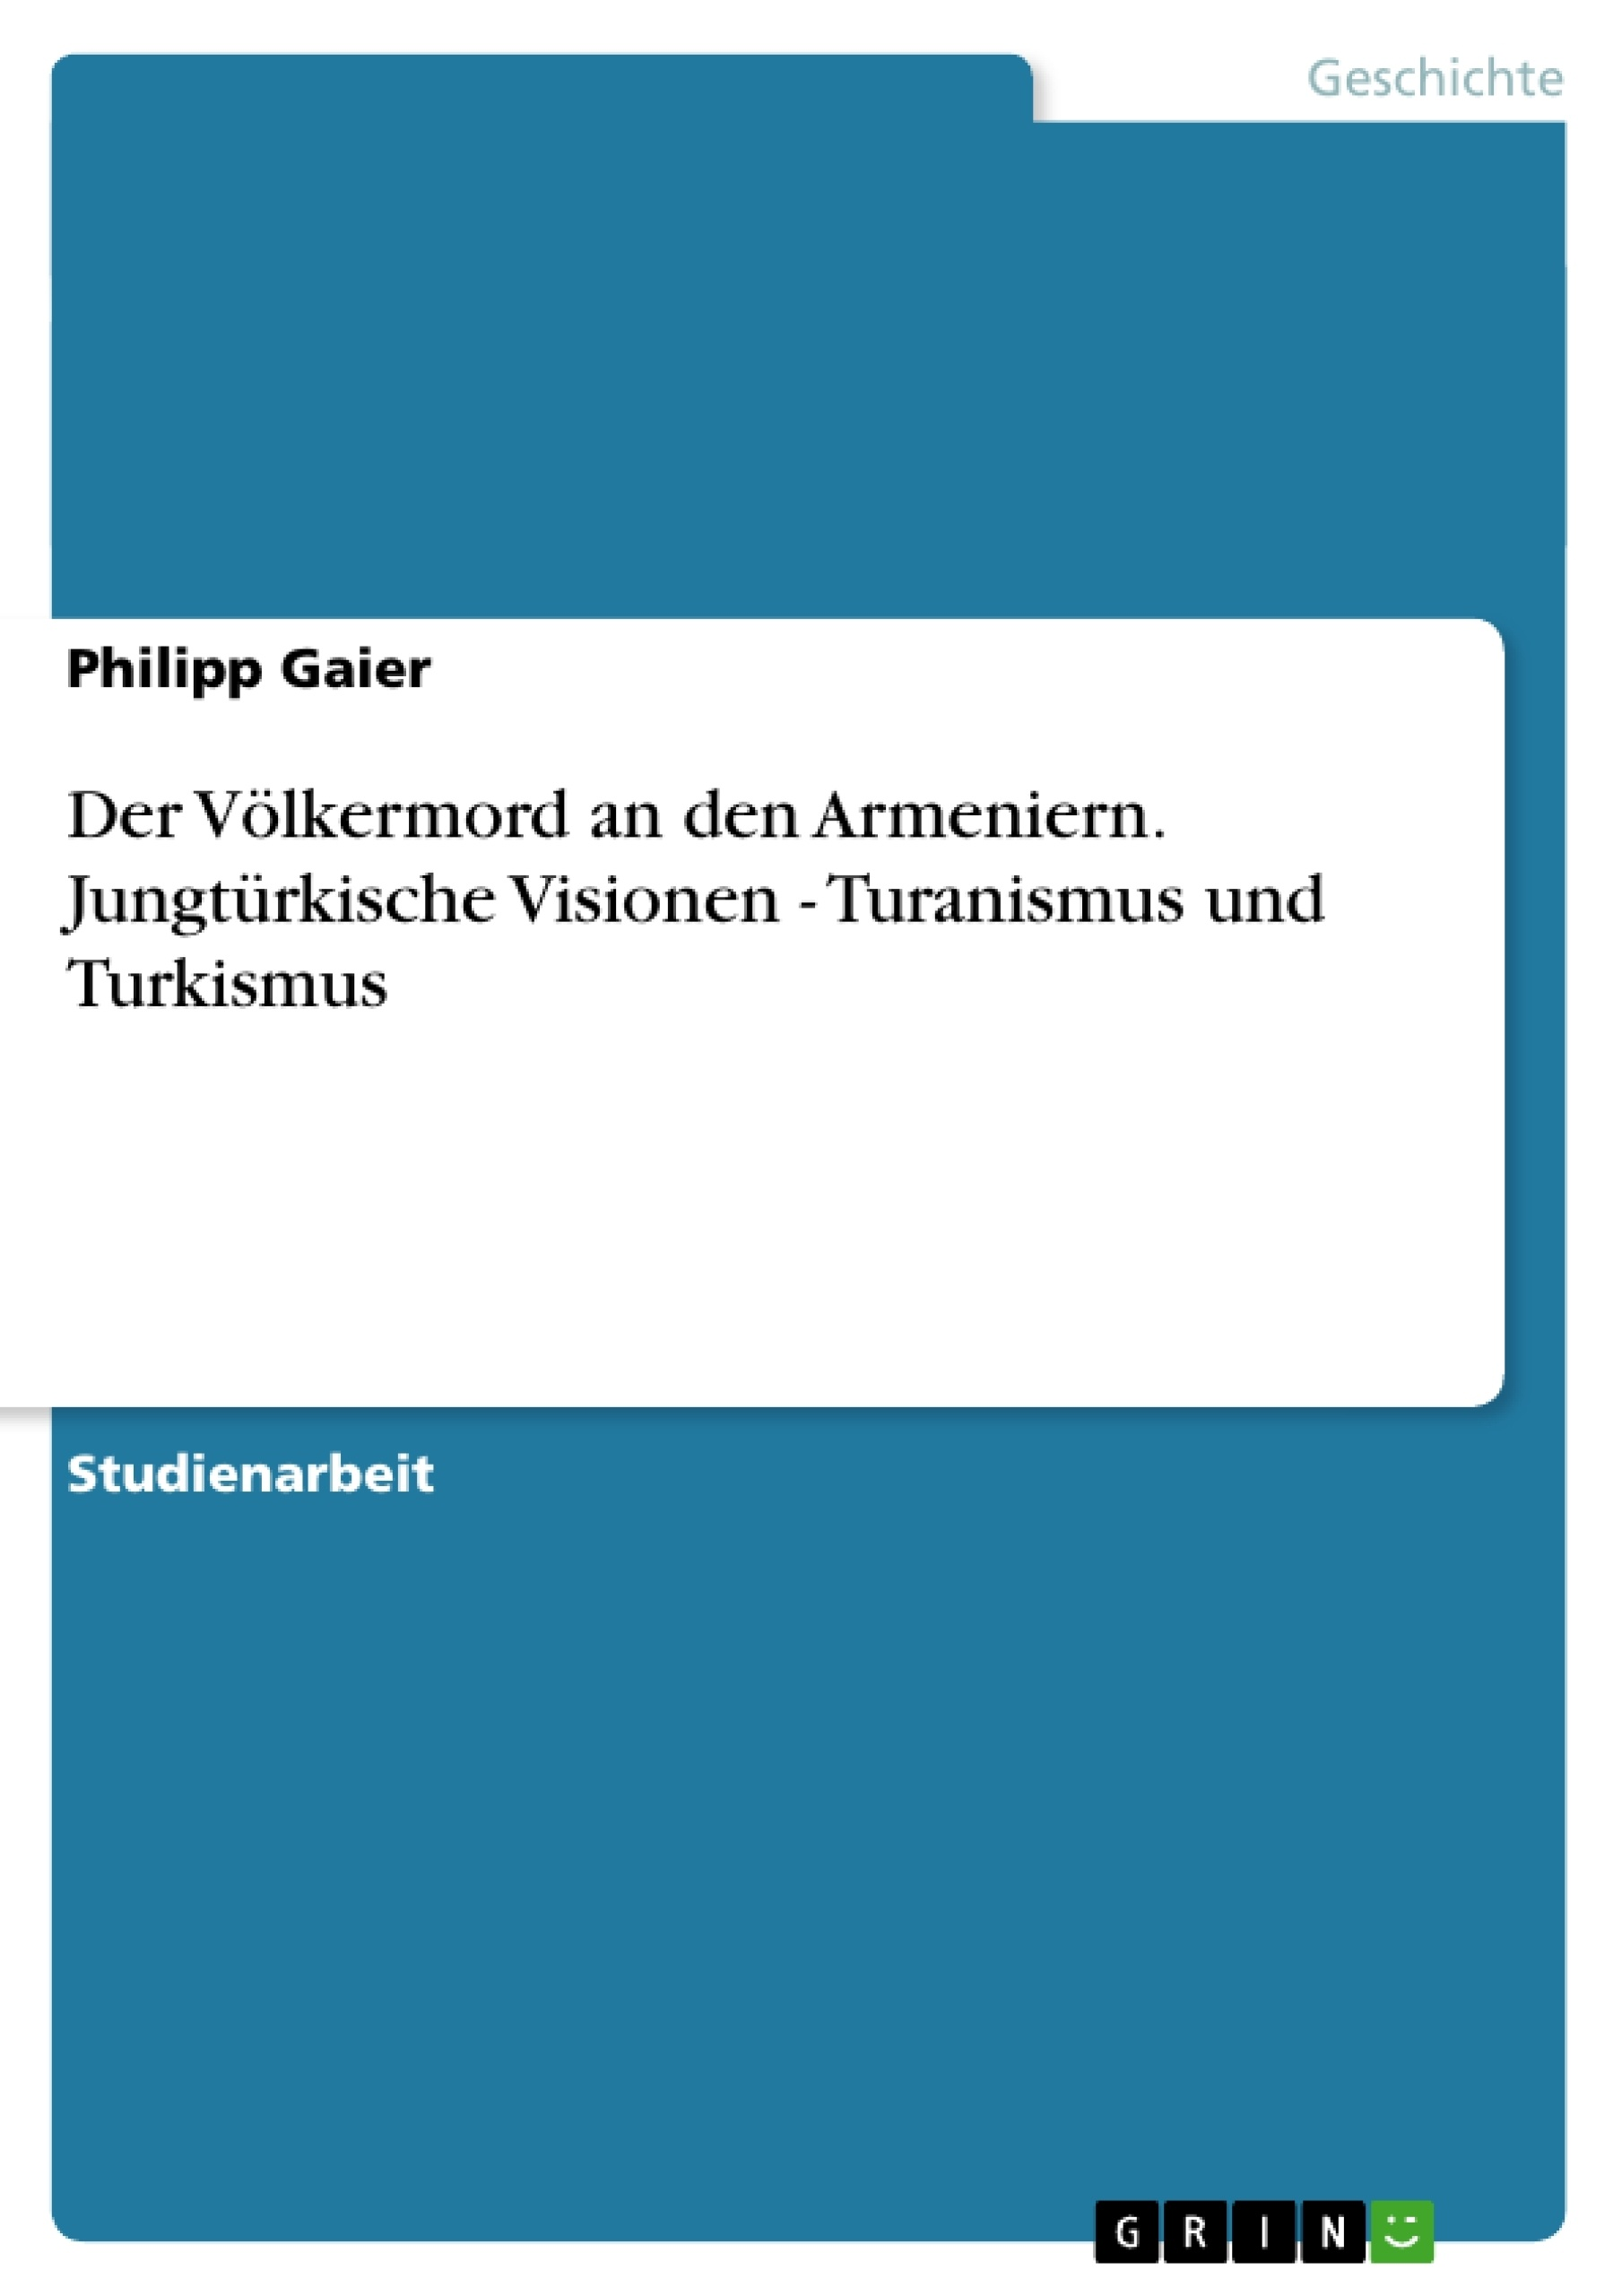 Titel: Der Völkermord an den Armeniern. Jungtürkische Visionen - Turanismus und Turkismus